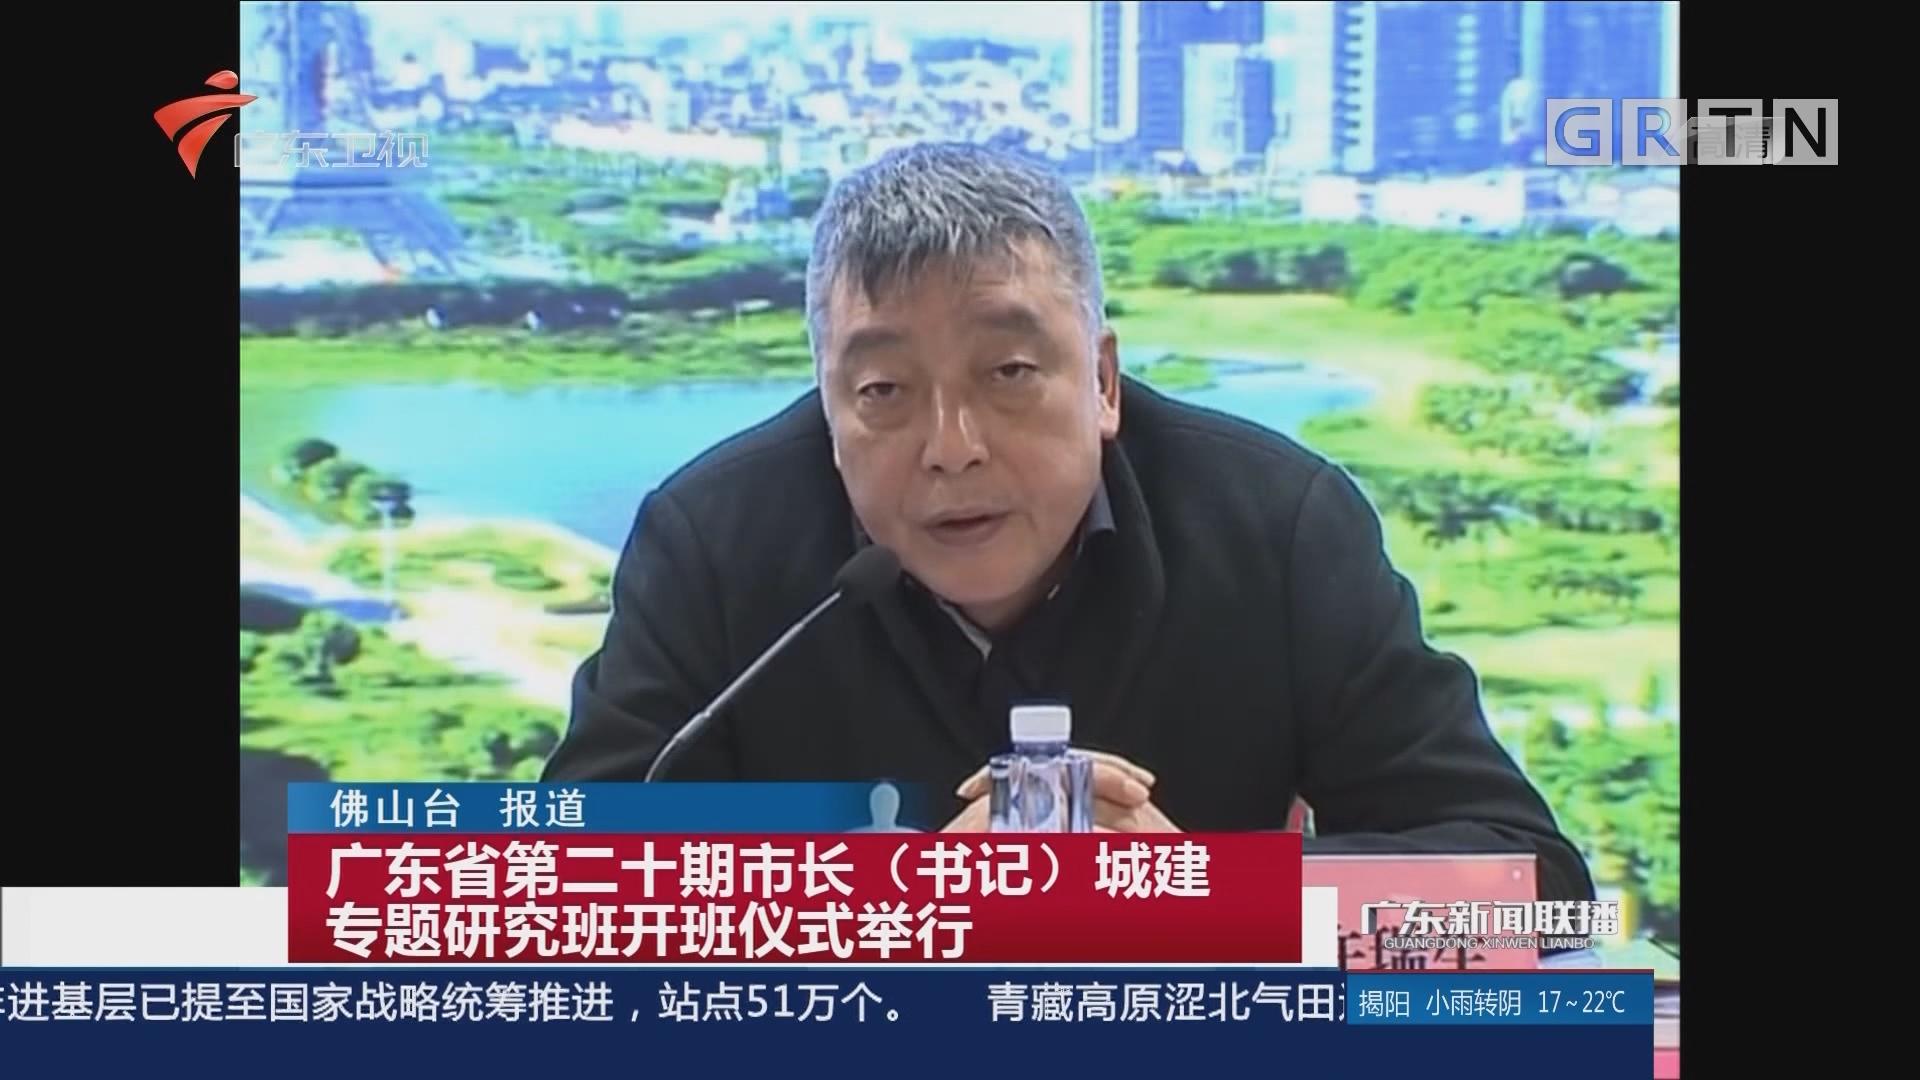 广东省第二十期市长(书记)城建专题研究班开班仪式举行